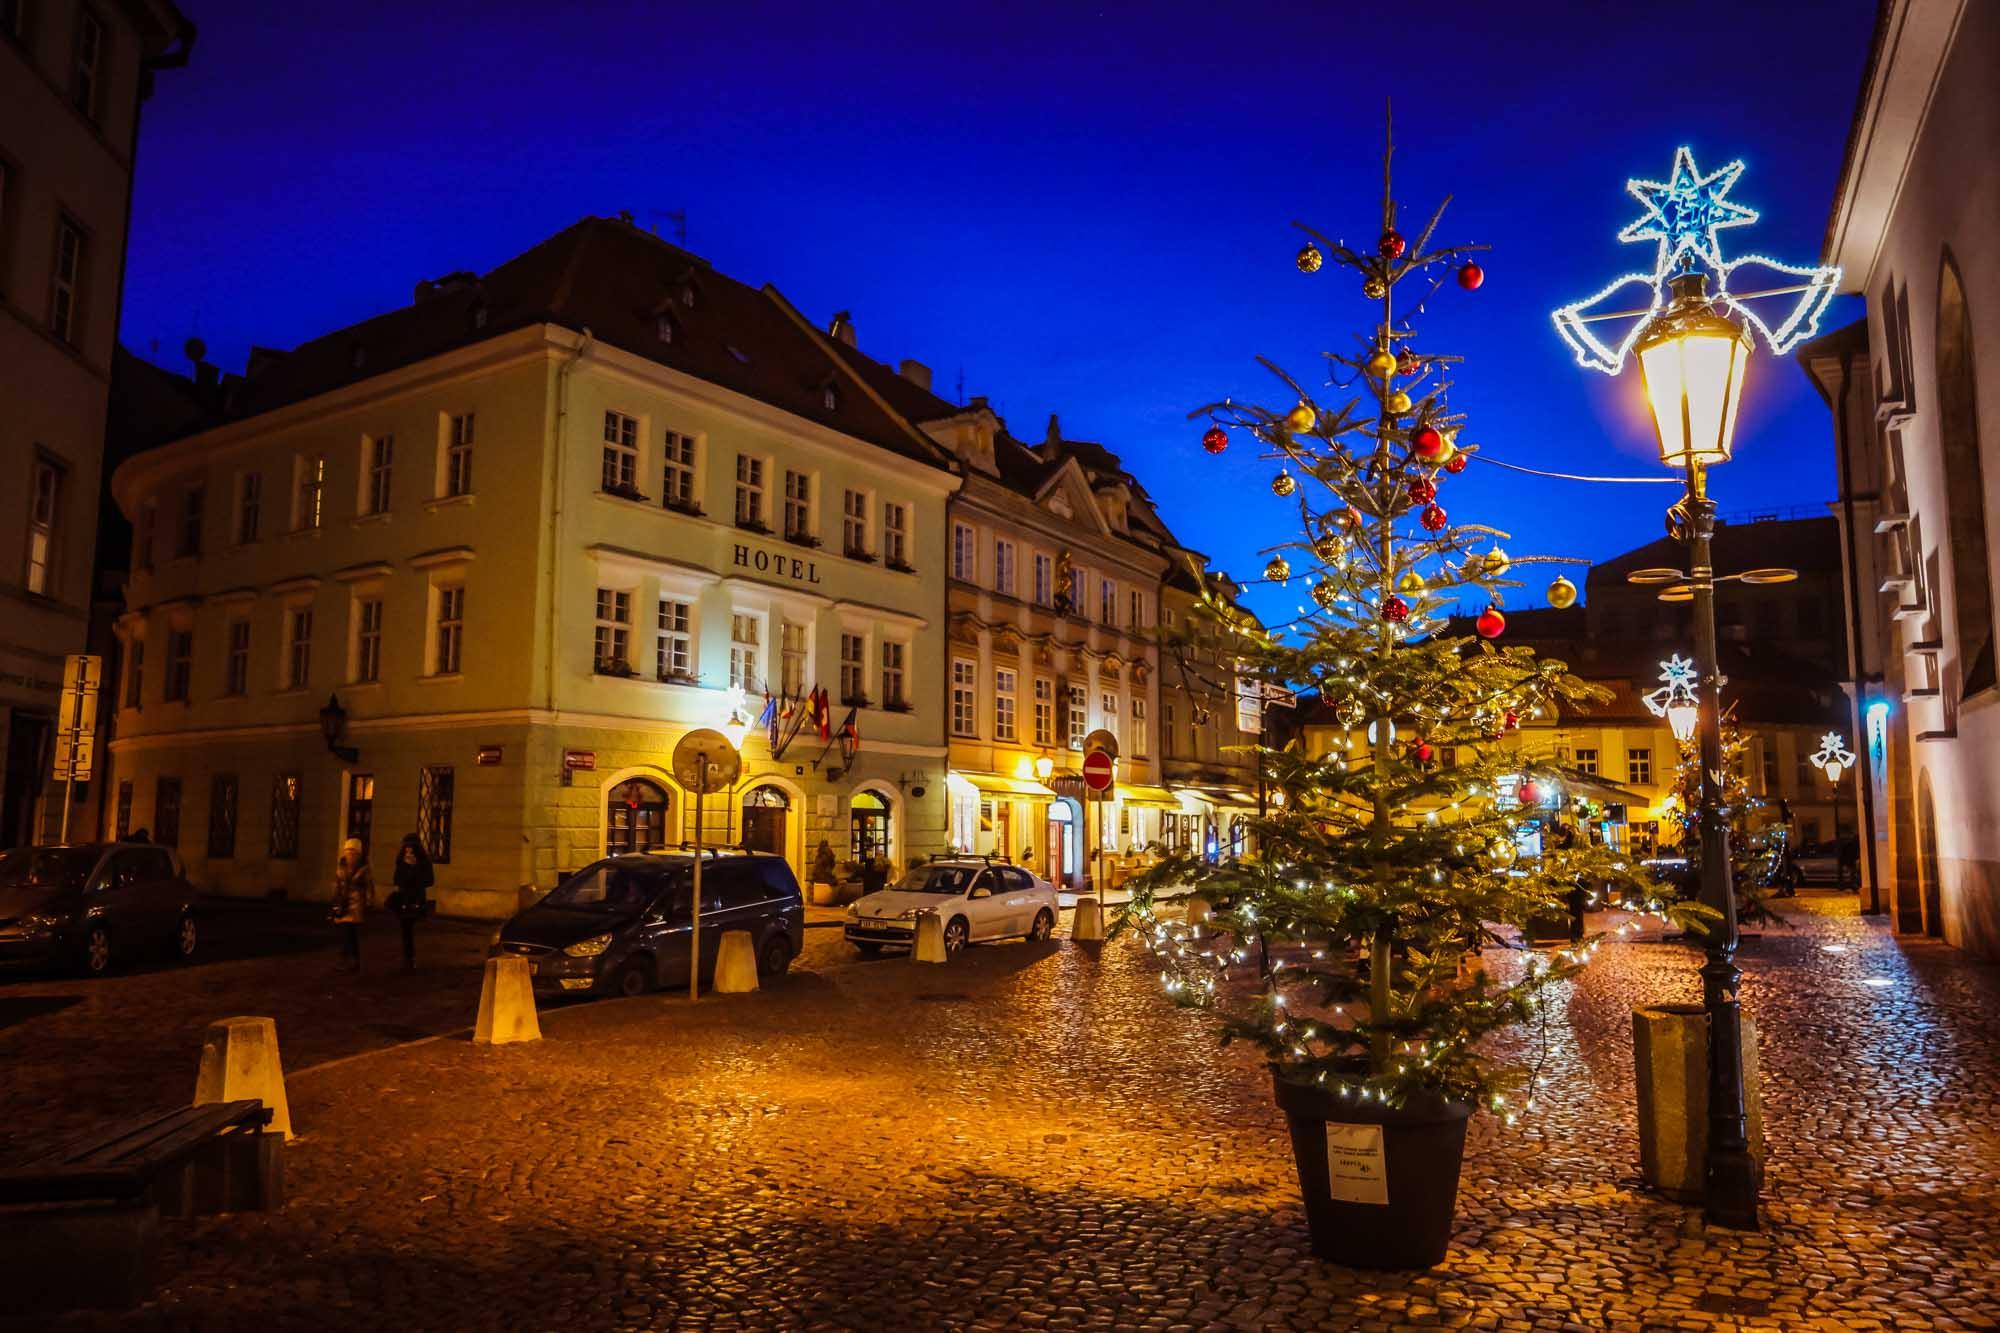 Les ruelles joliment décorées pour Noël